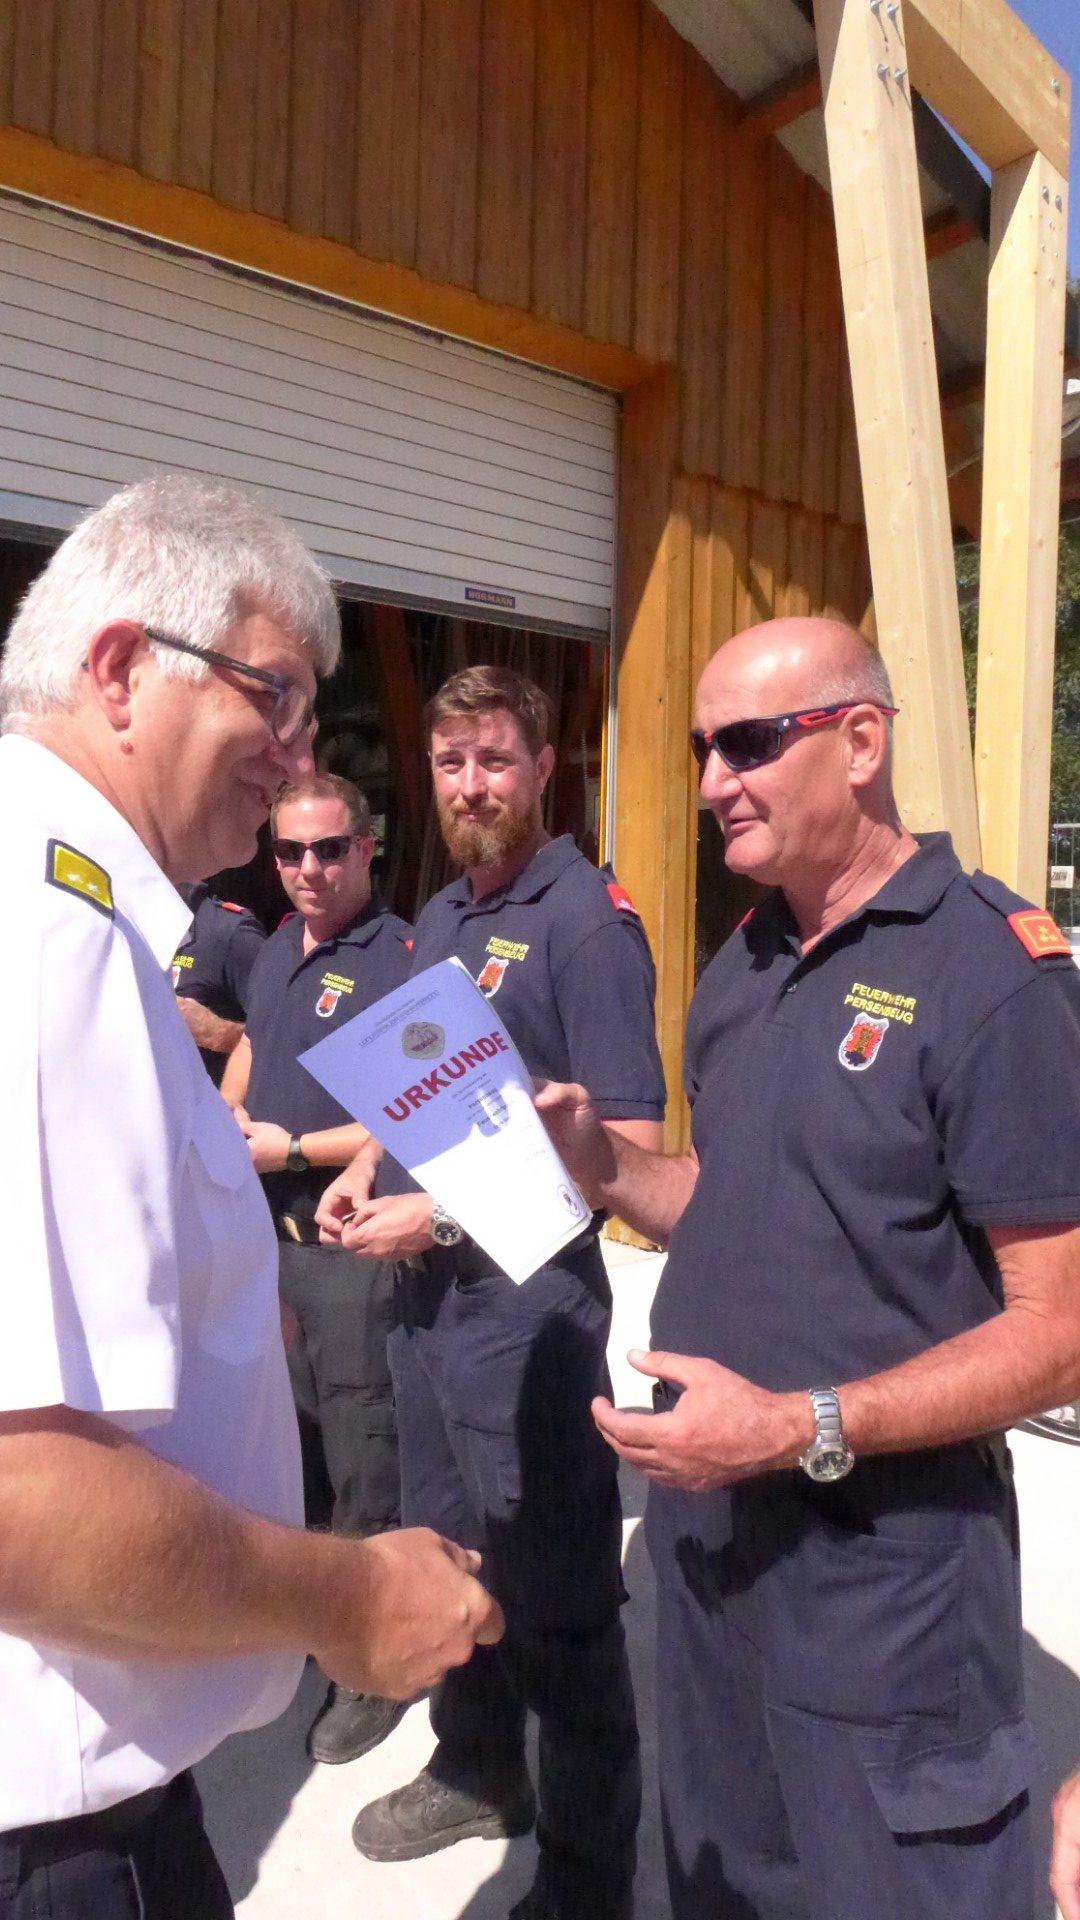 Ausbildungsprüfung-Feuerwehrboote-in-Bronze-22-Groß